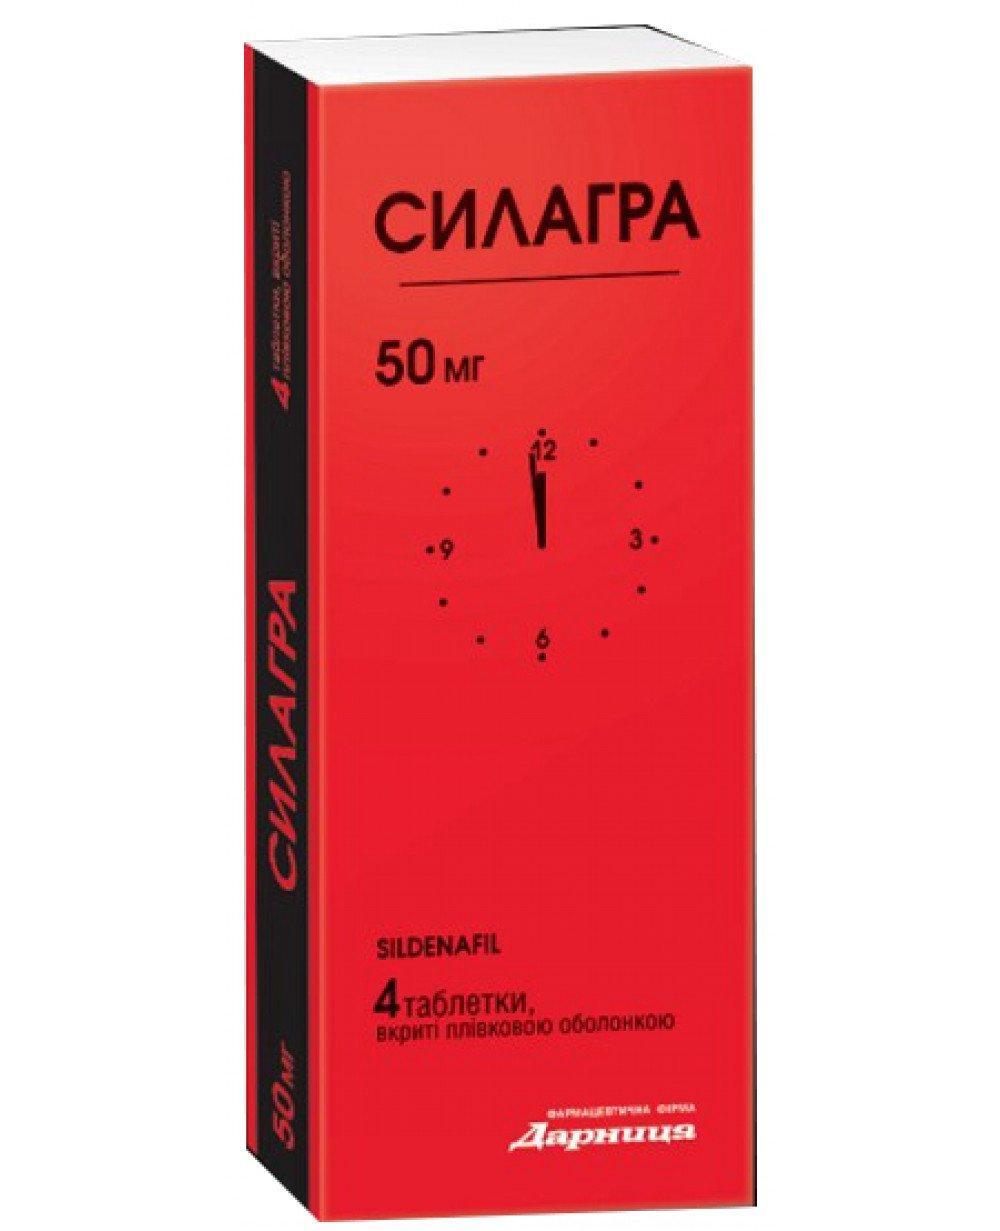 Силагра таблетки для потенции 50 мг N4_6013c8bd453e8.jpeg